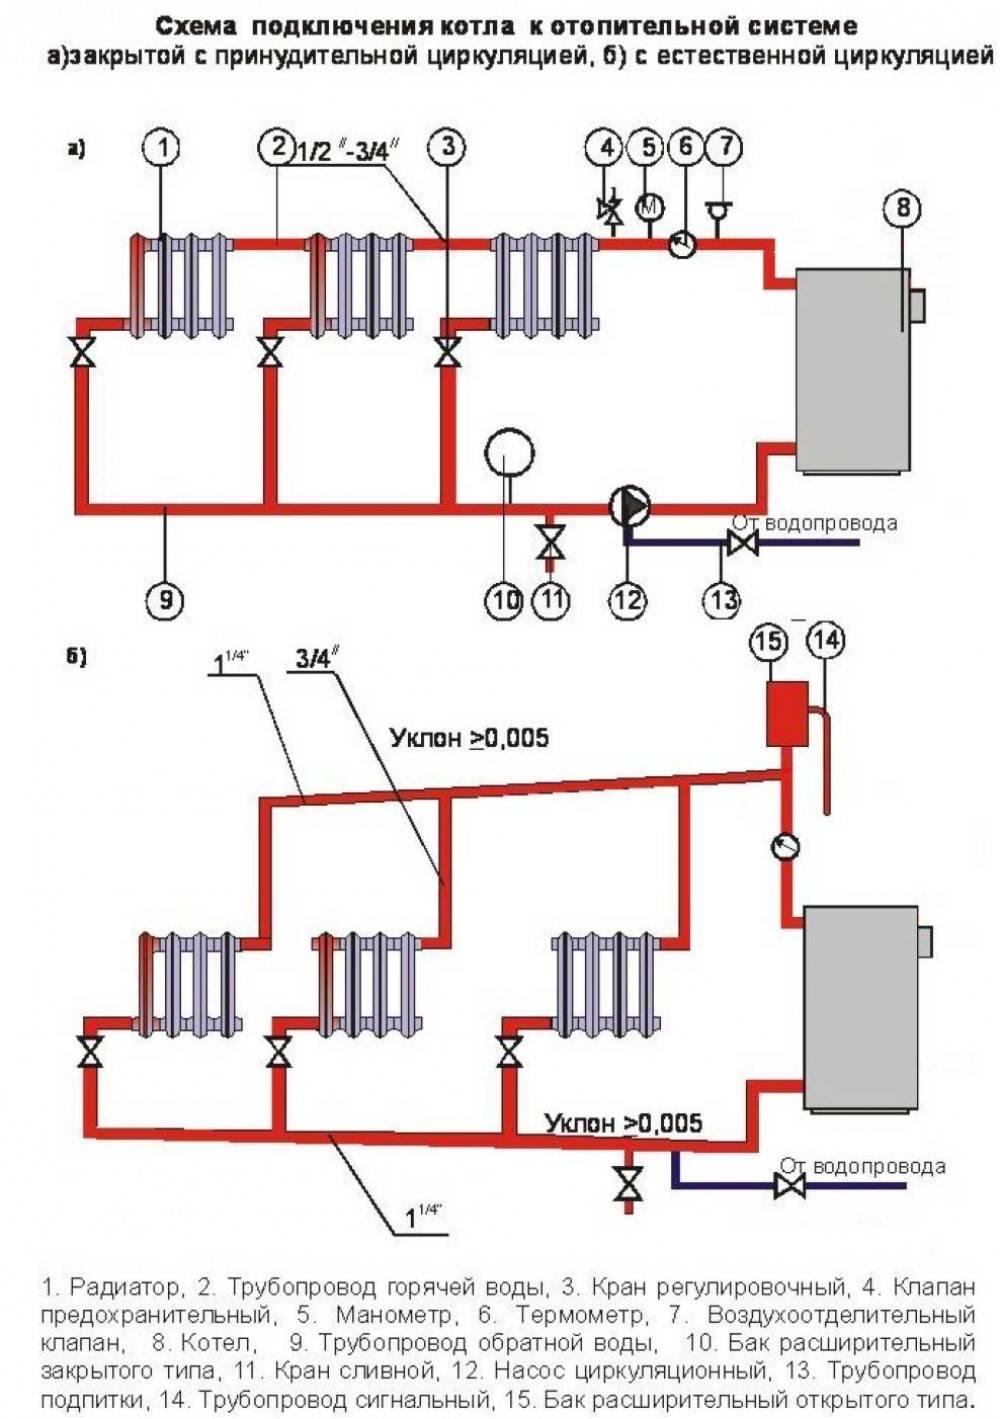 Схема подключения твердотопливного котла отопления своими руками: как правильно подключить, чертеж системы, детали на фото и видео